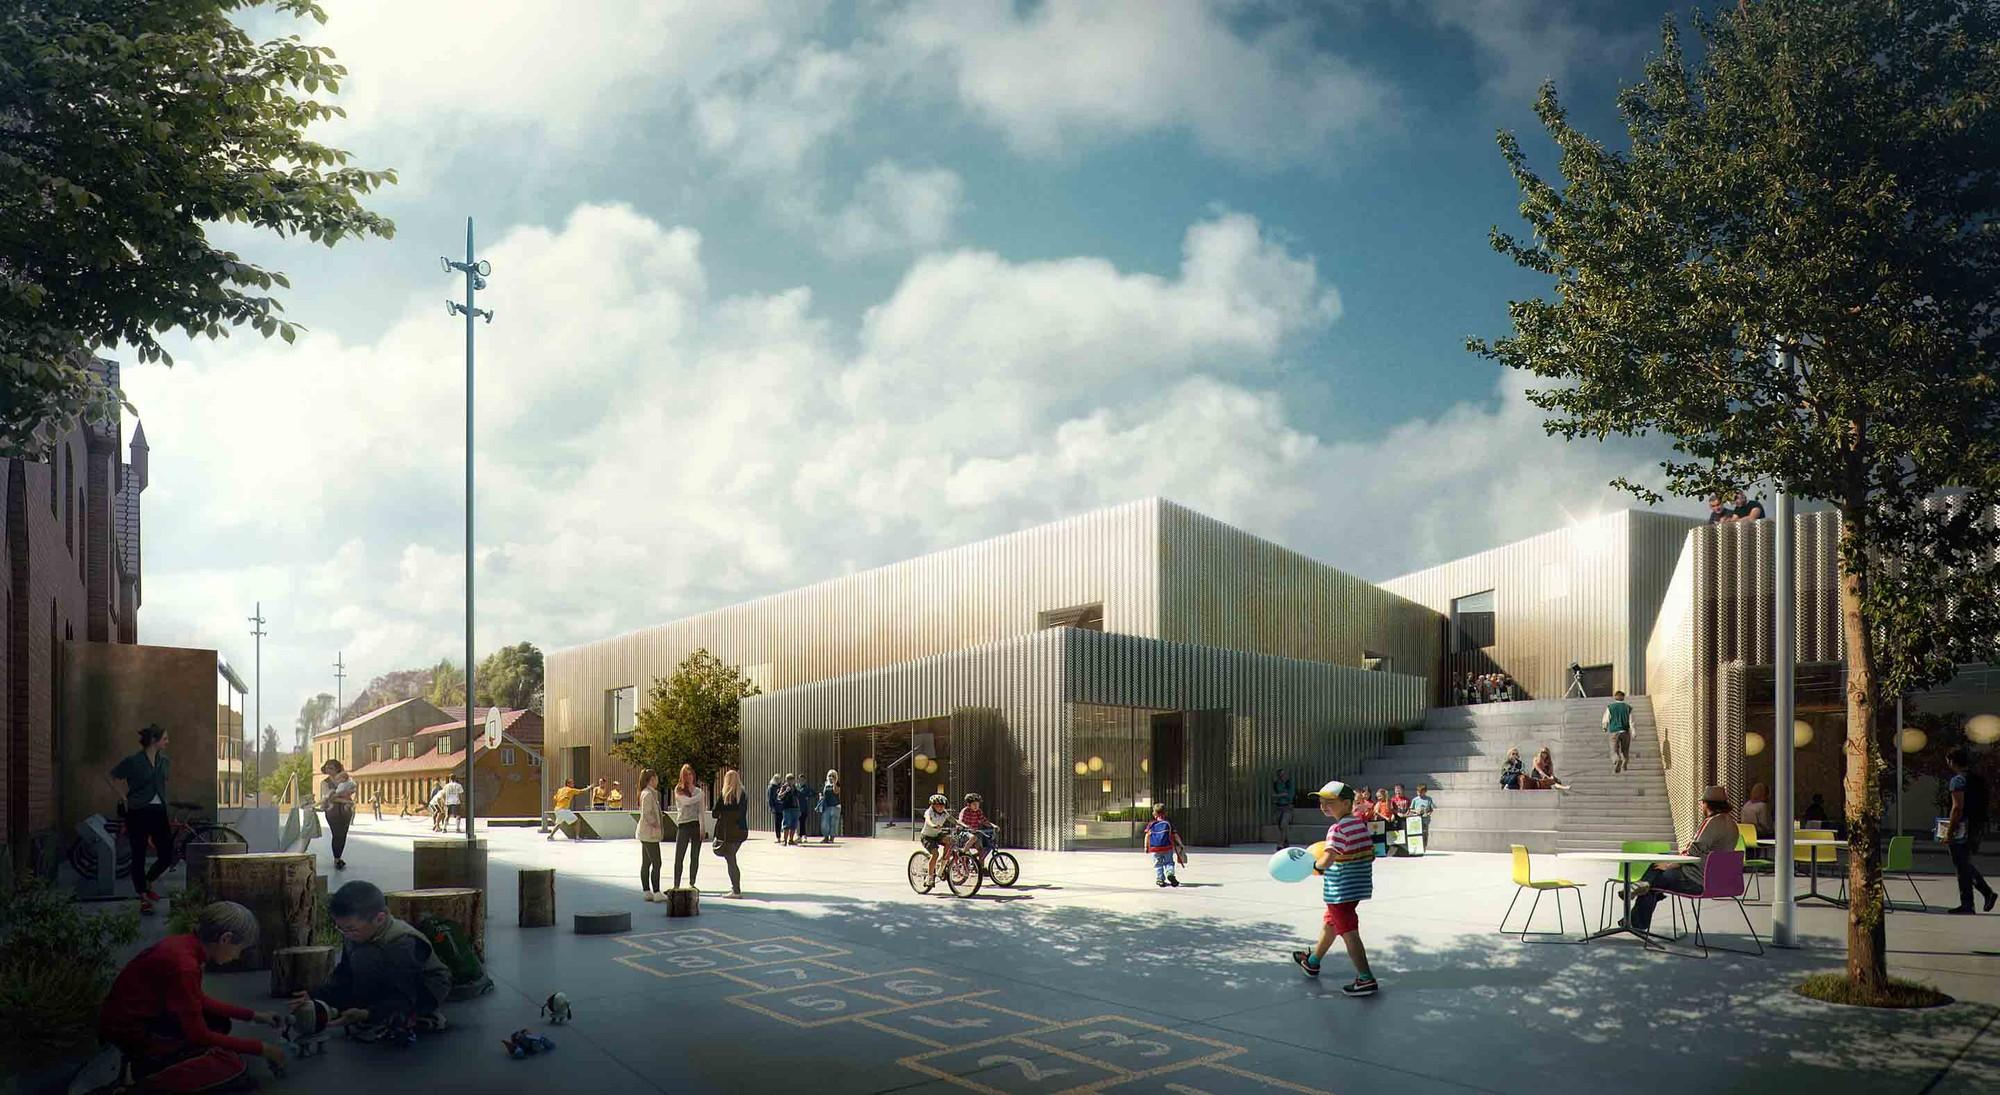 Future projects education winner: The Urban School in Elsinore, Denmark by EFFEKT